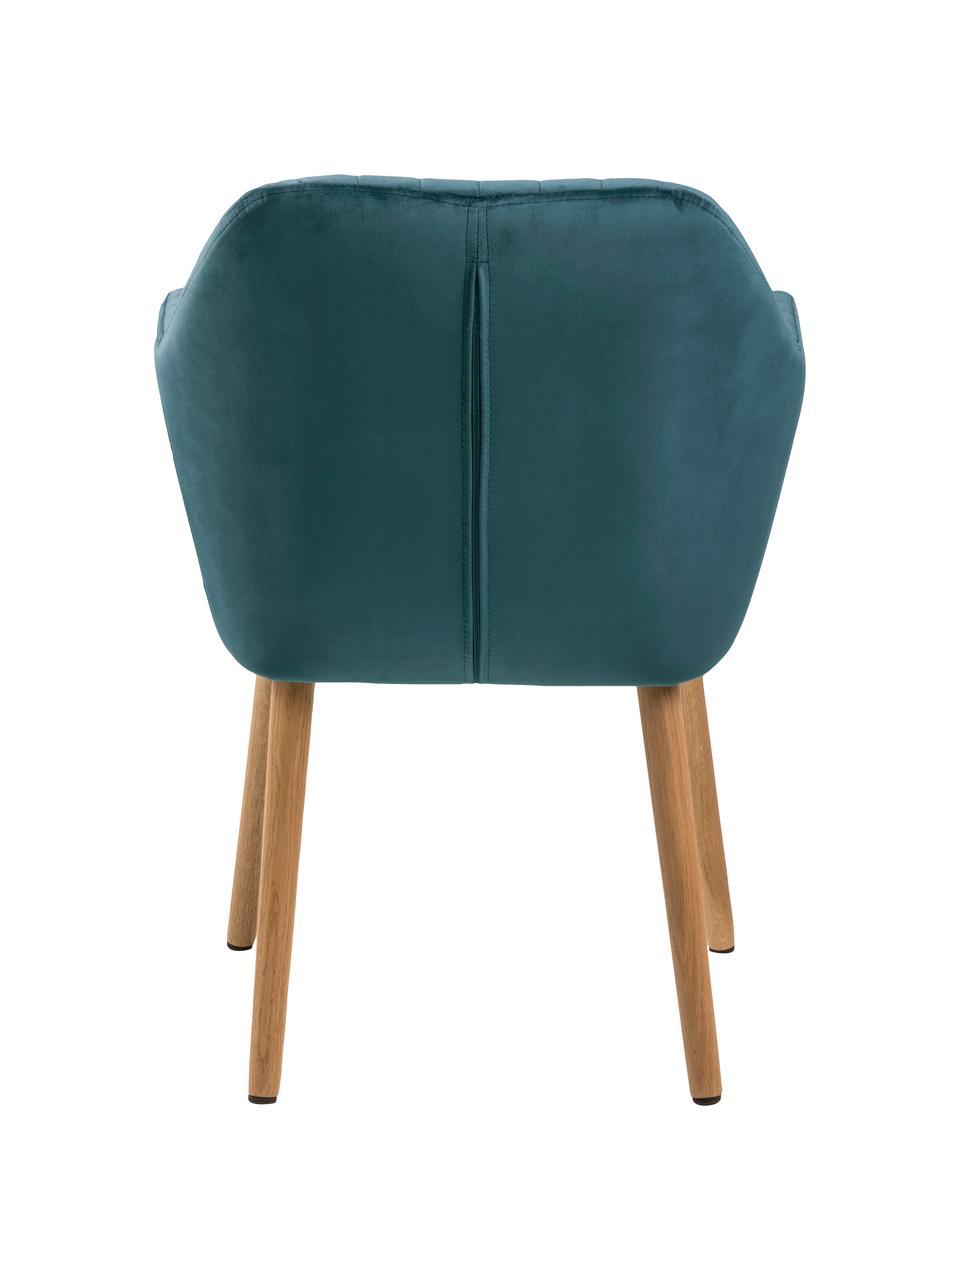 Krzesło tapicerowane z podłokietnikami z aksamitu Emilia, Tapicerka: poliester (aksamit), Nogi: drewno dębowe, olejowane , Tapicerka: butelkowy zielony Nogi: drewno dębowe, S 57 x G 59 cm